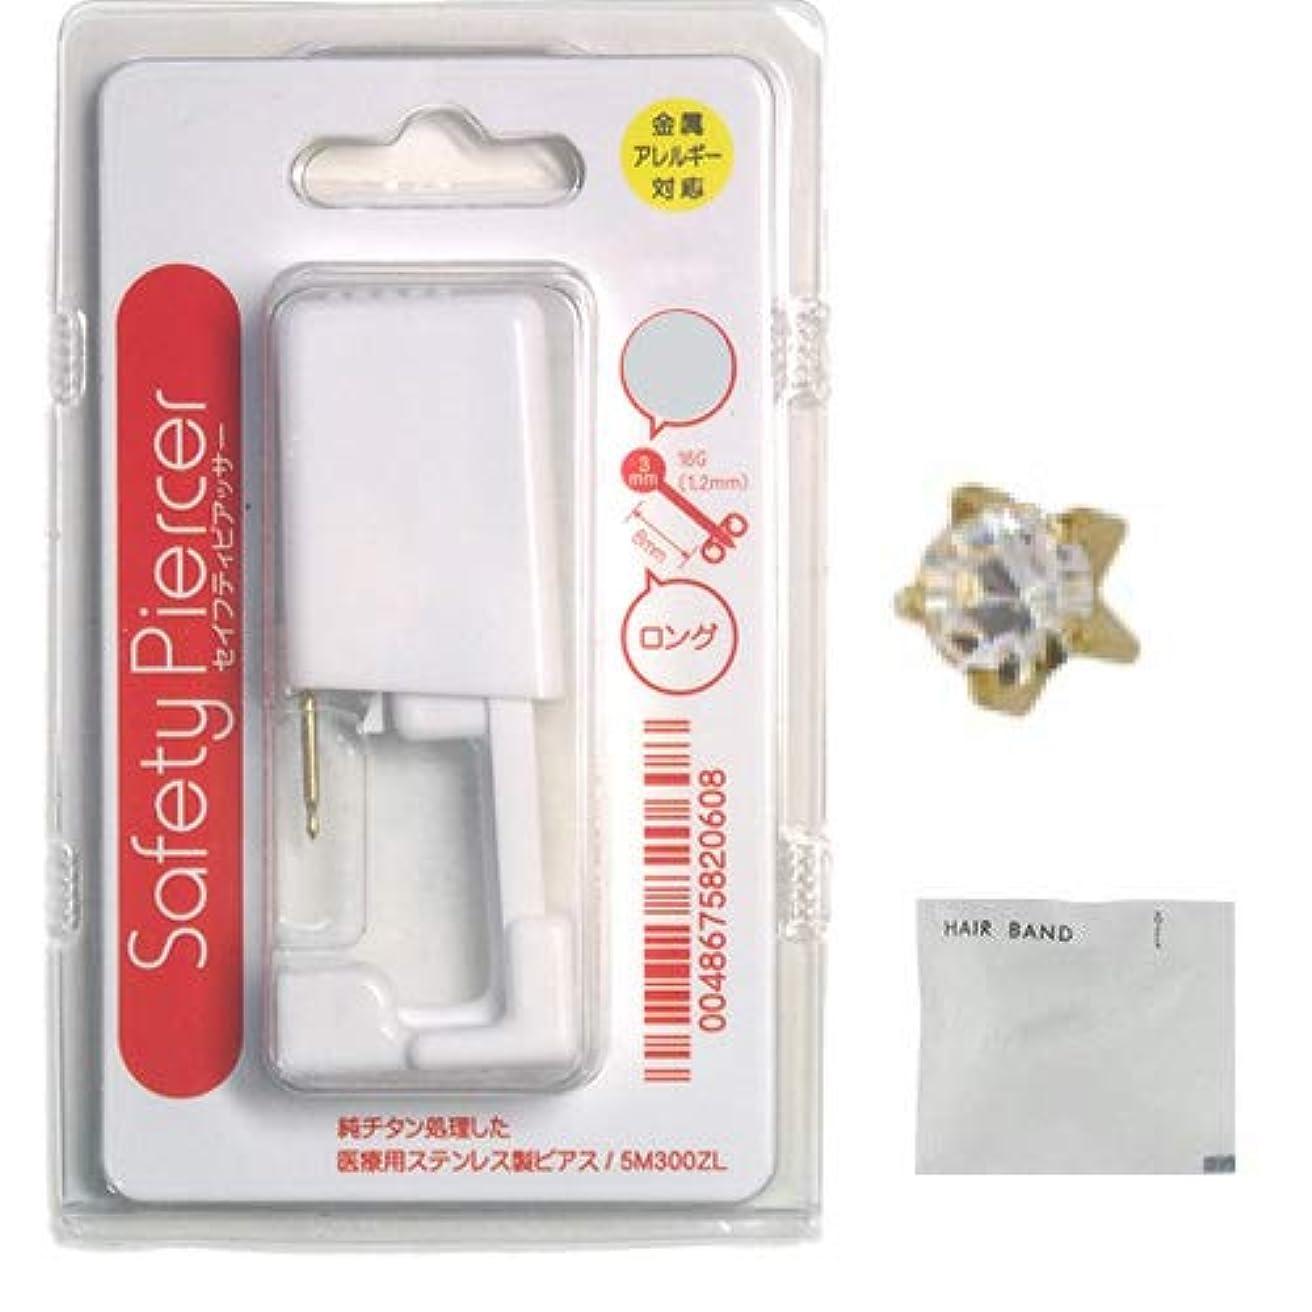 切手恐れる会社セイフティピアッサー シャンパンゴールド チタンロングタイプ(片耳用) 5M104WL 4月ダイヤモンド+ ヘアゴム(カラーはおまかせ)セット